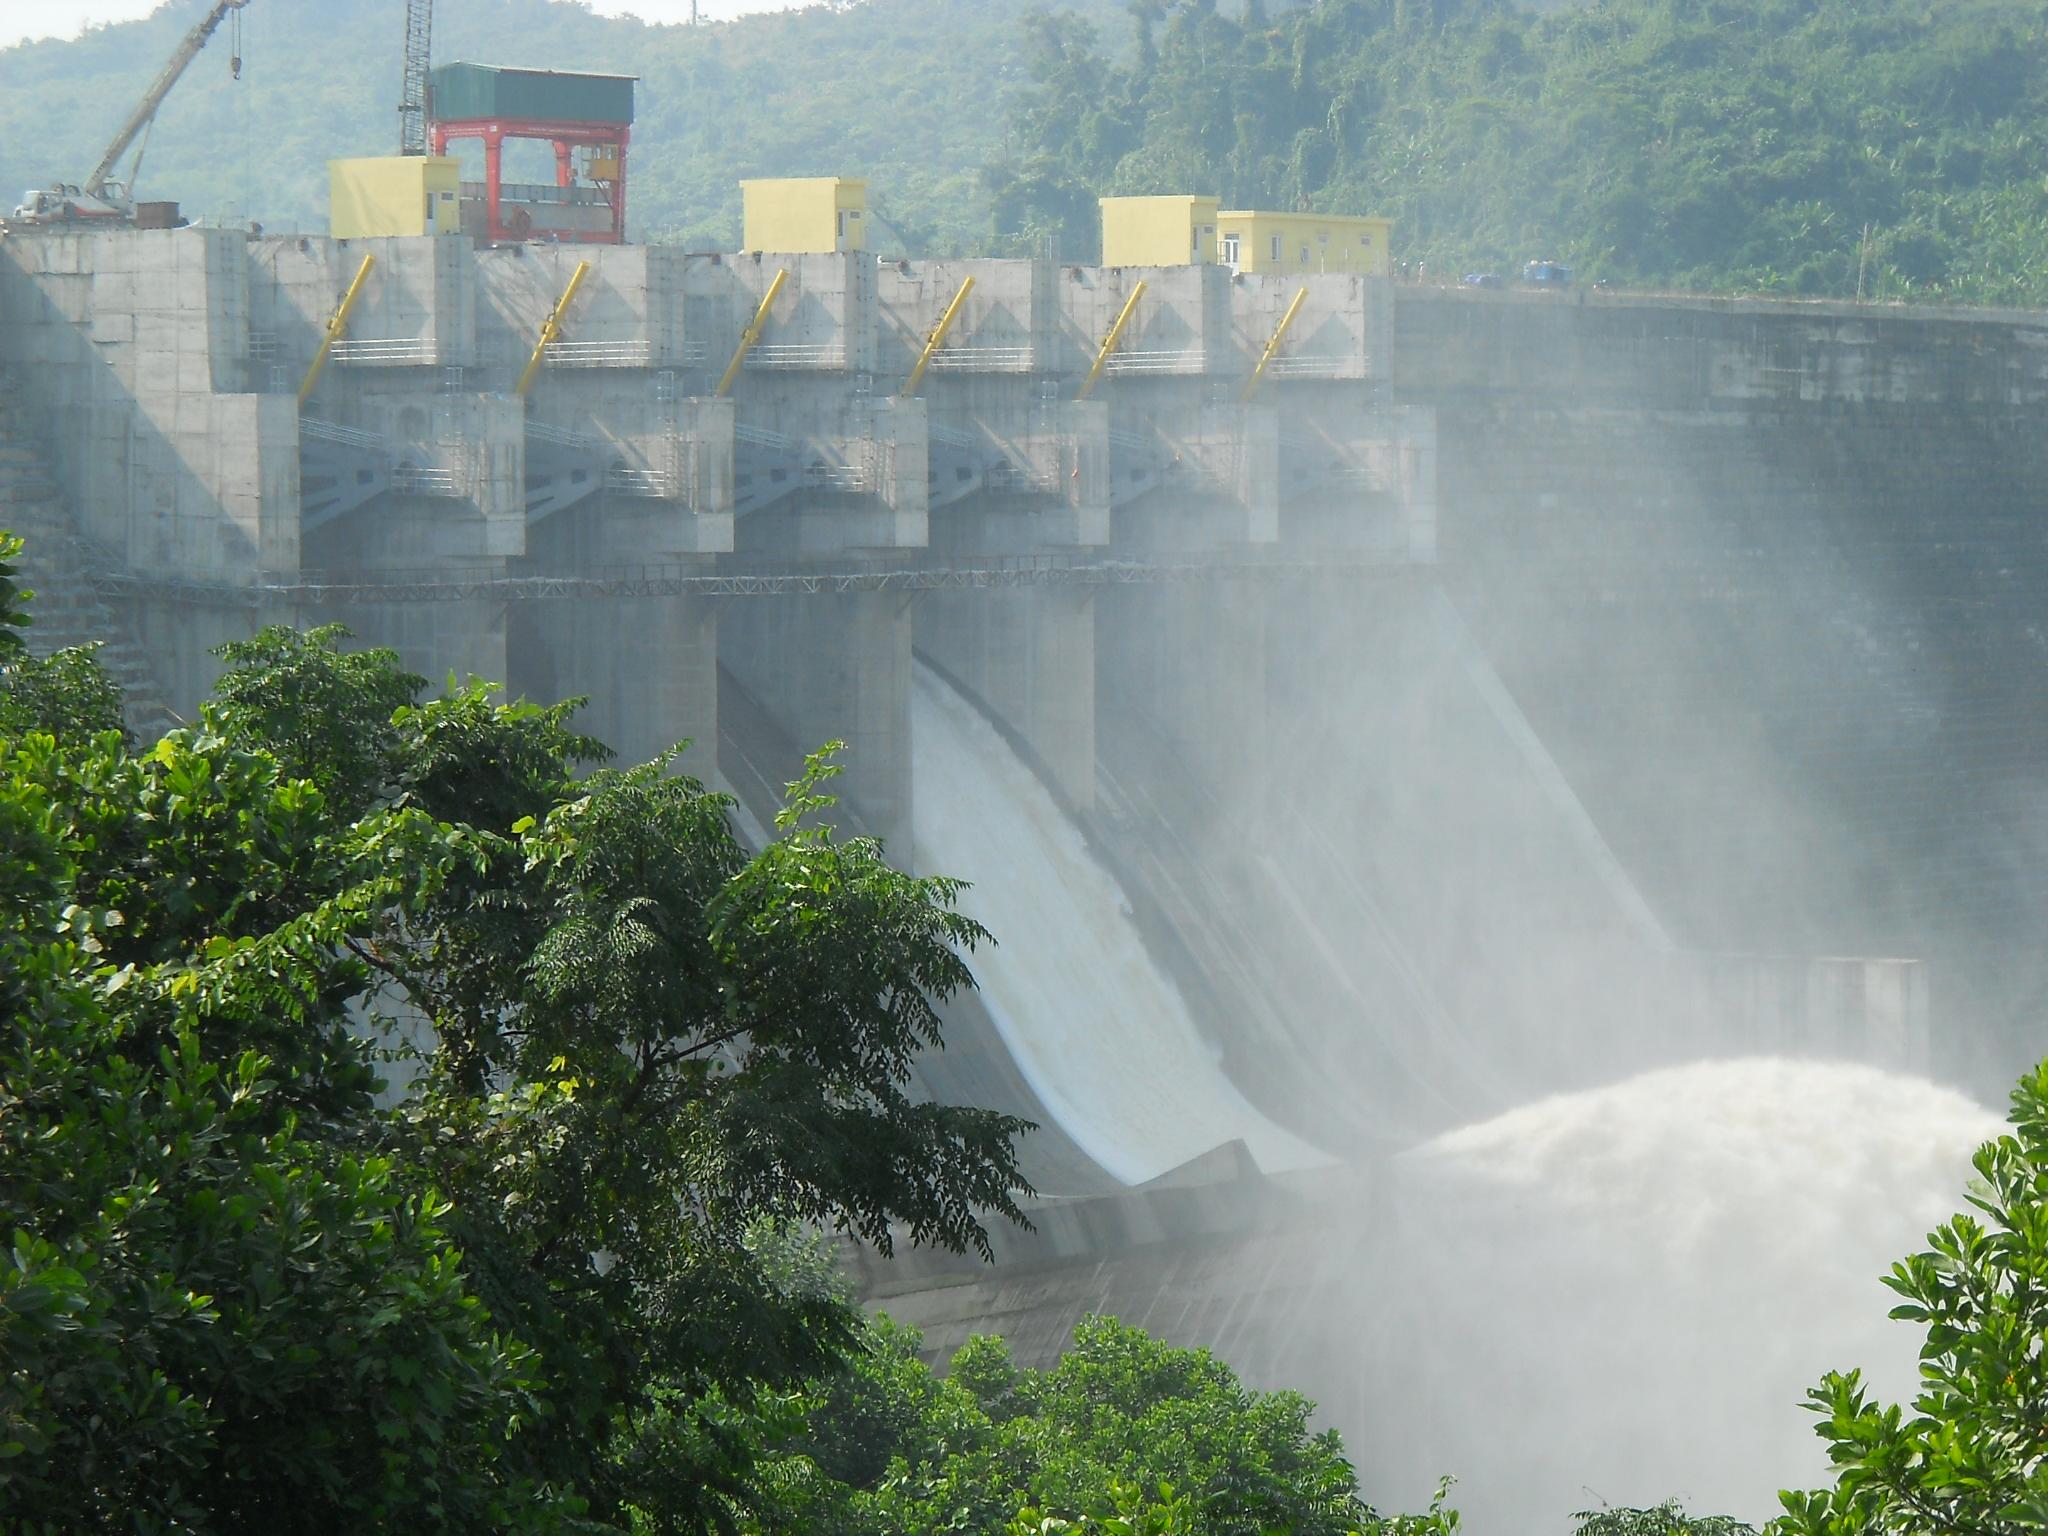 Chọn phương án giảm nhẹ nếu vỡ đập Thủy điện Sông Tranh 2